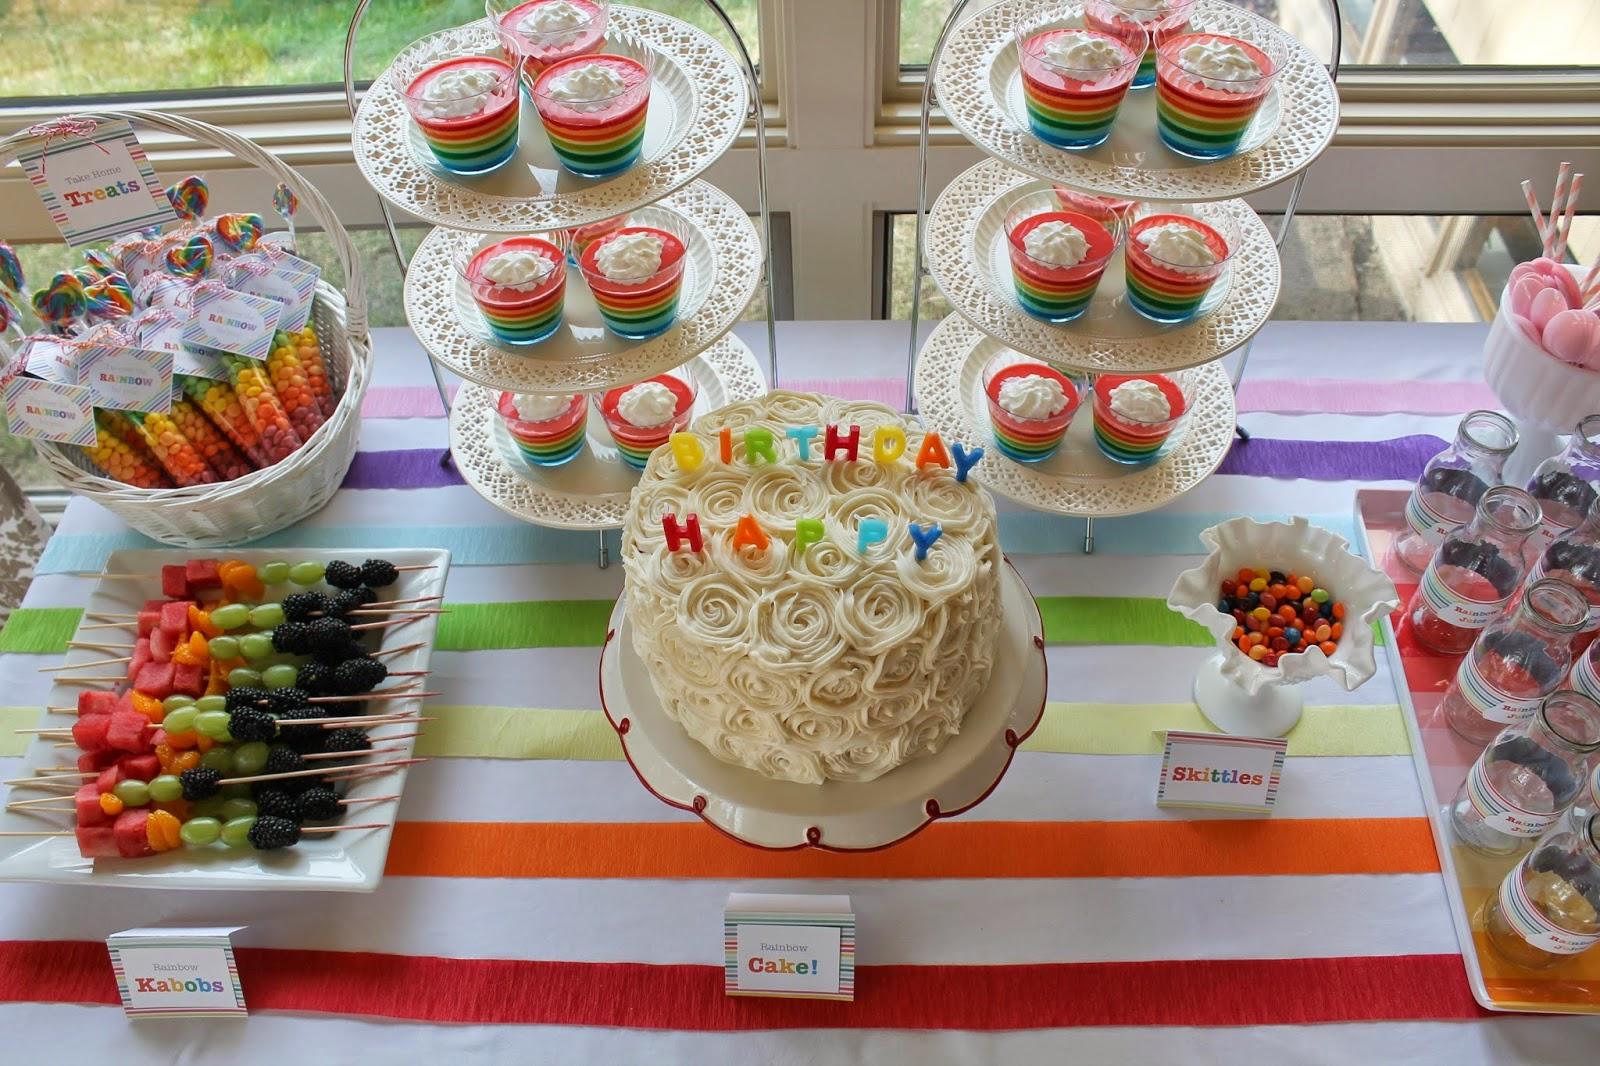 Rainbow+Party+table+spread.jpg